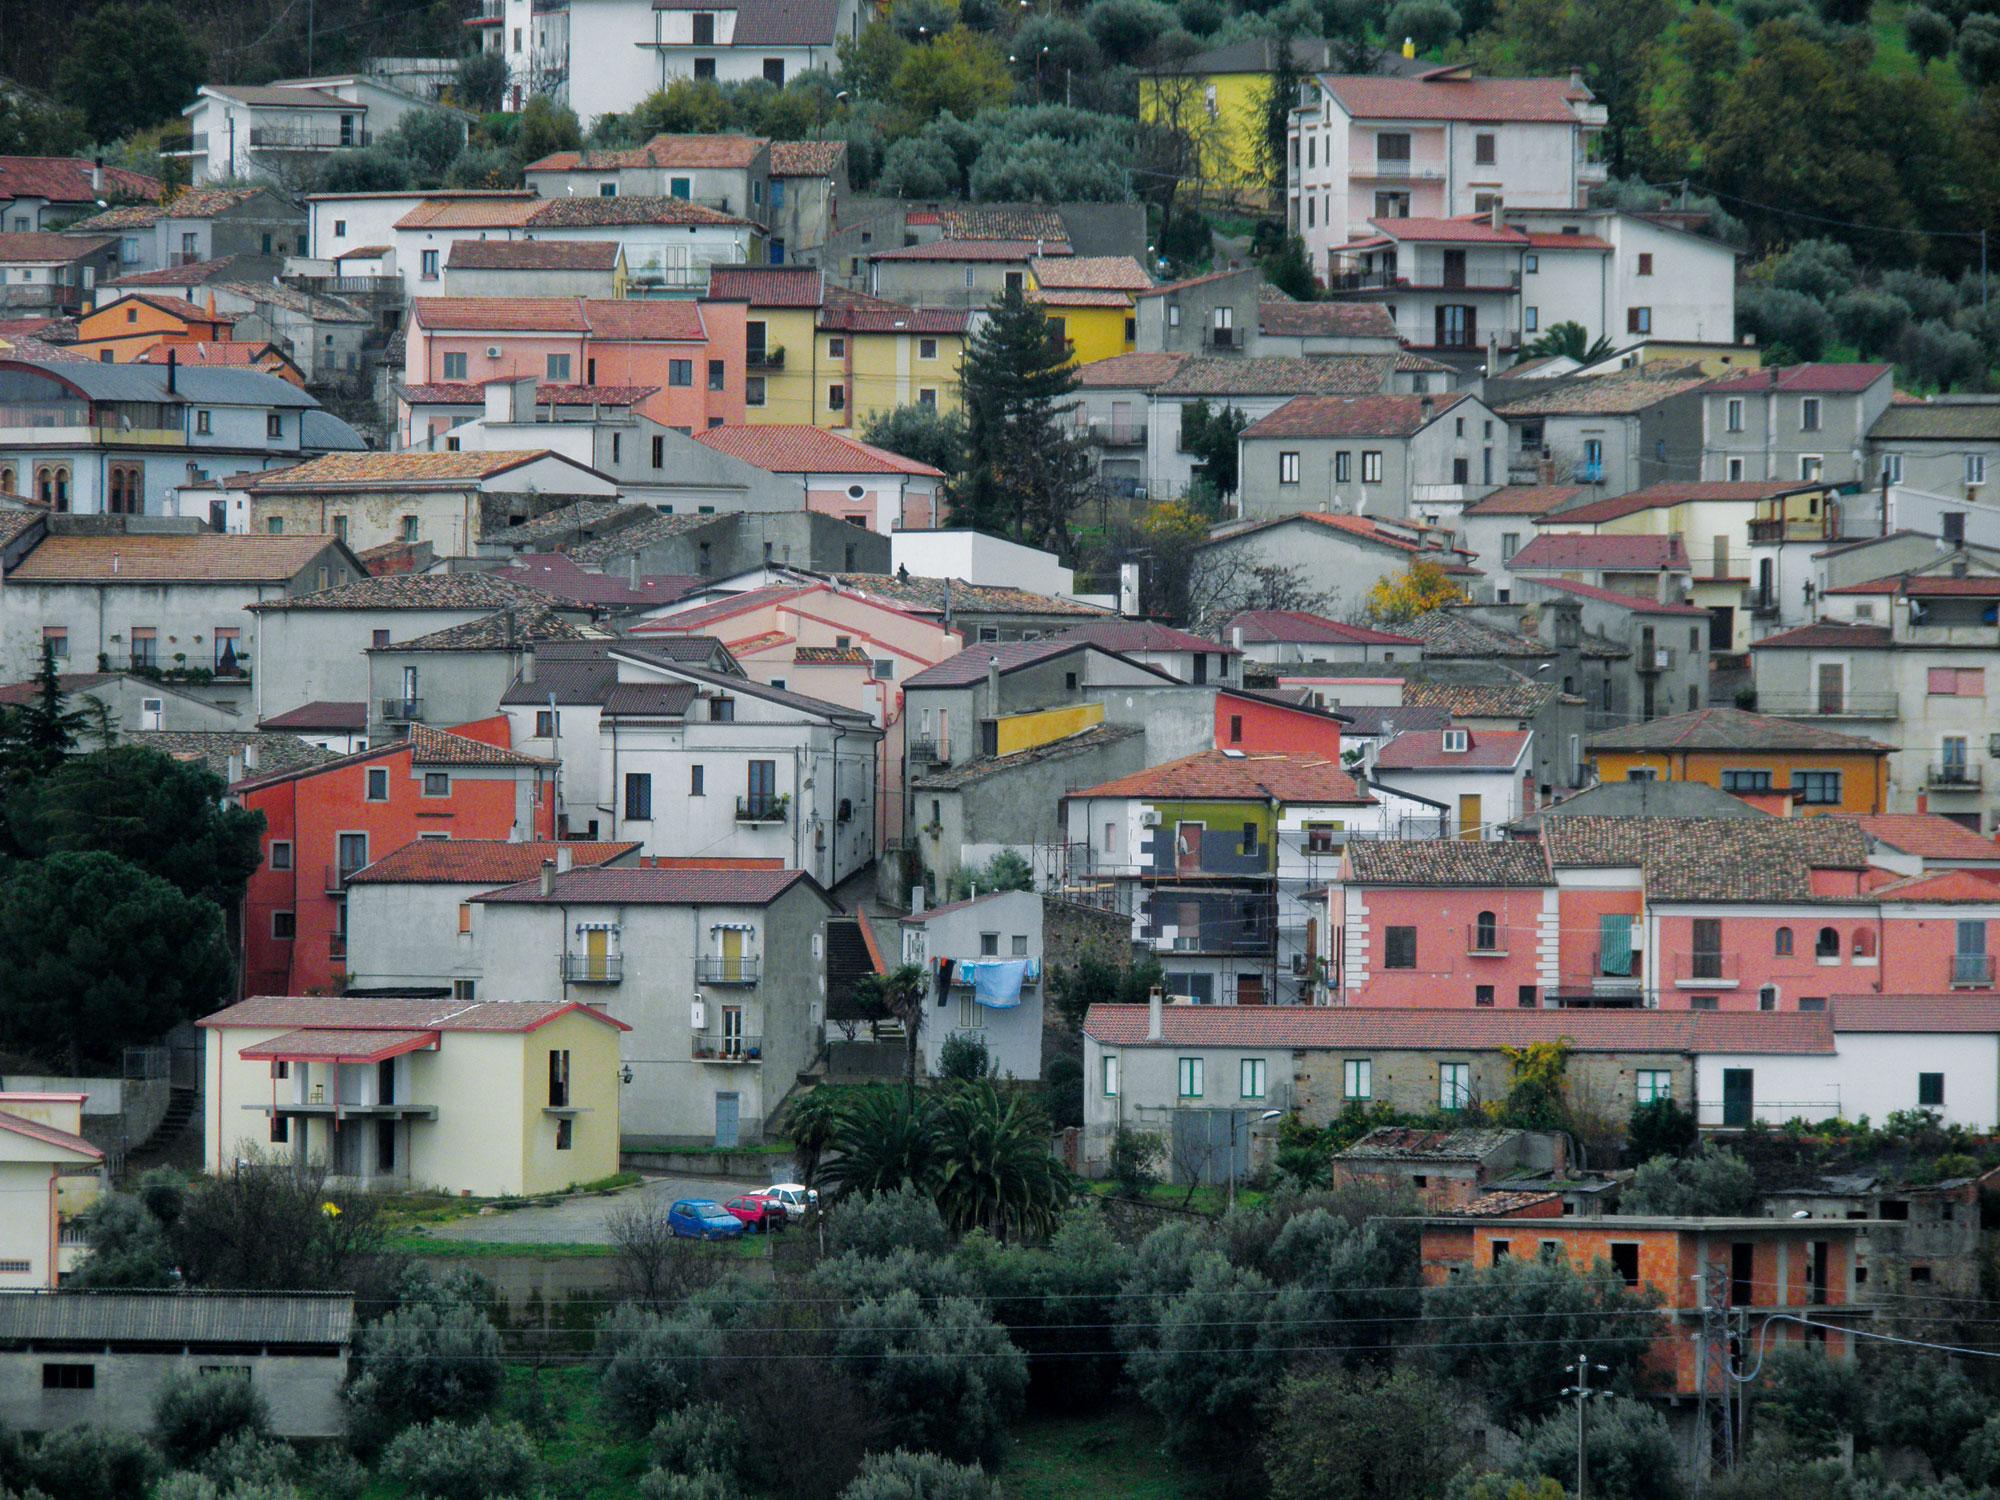 ATTIVITÀ CONGRESSUALI EVENTO SCONOSCIUTO DELL'ARBERIA